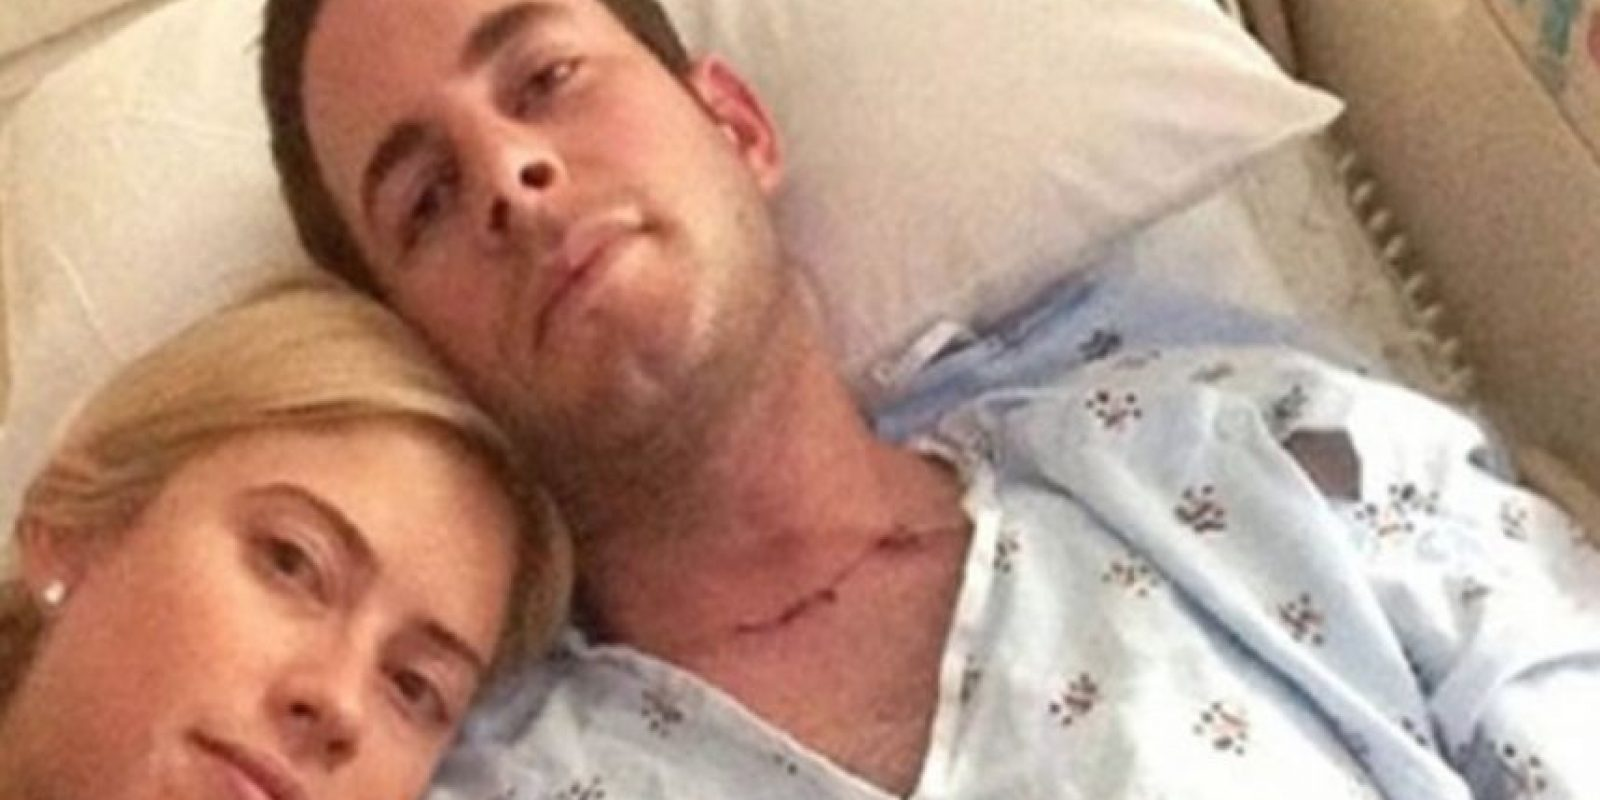 Luego de varios tratamientos, este se curó y agradeció a Lee por lo que hizo. Foto:vía Facebook